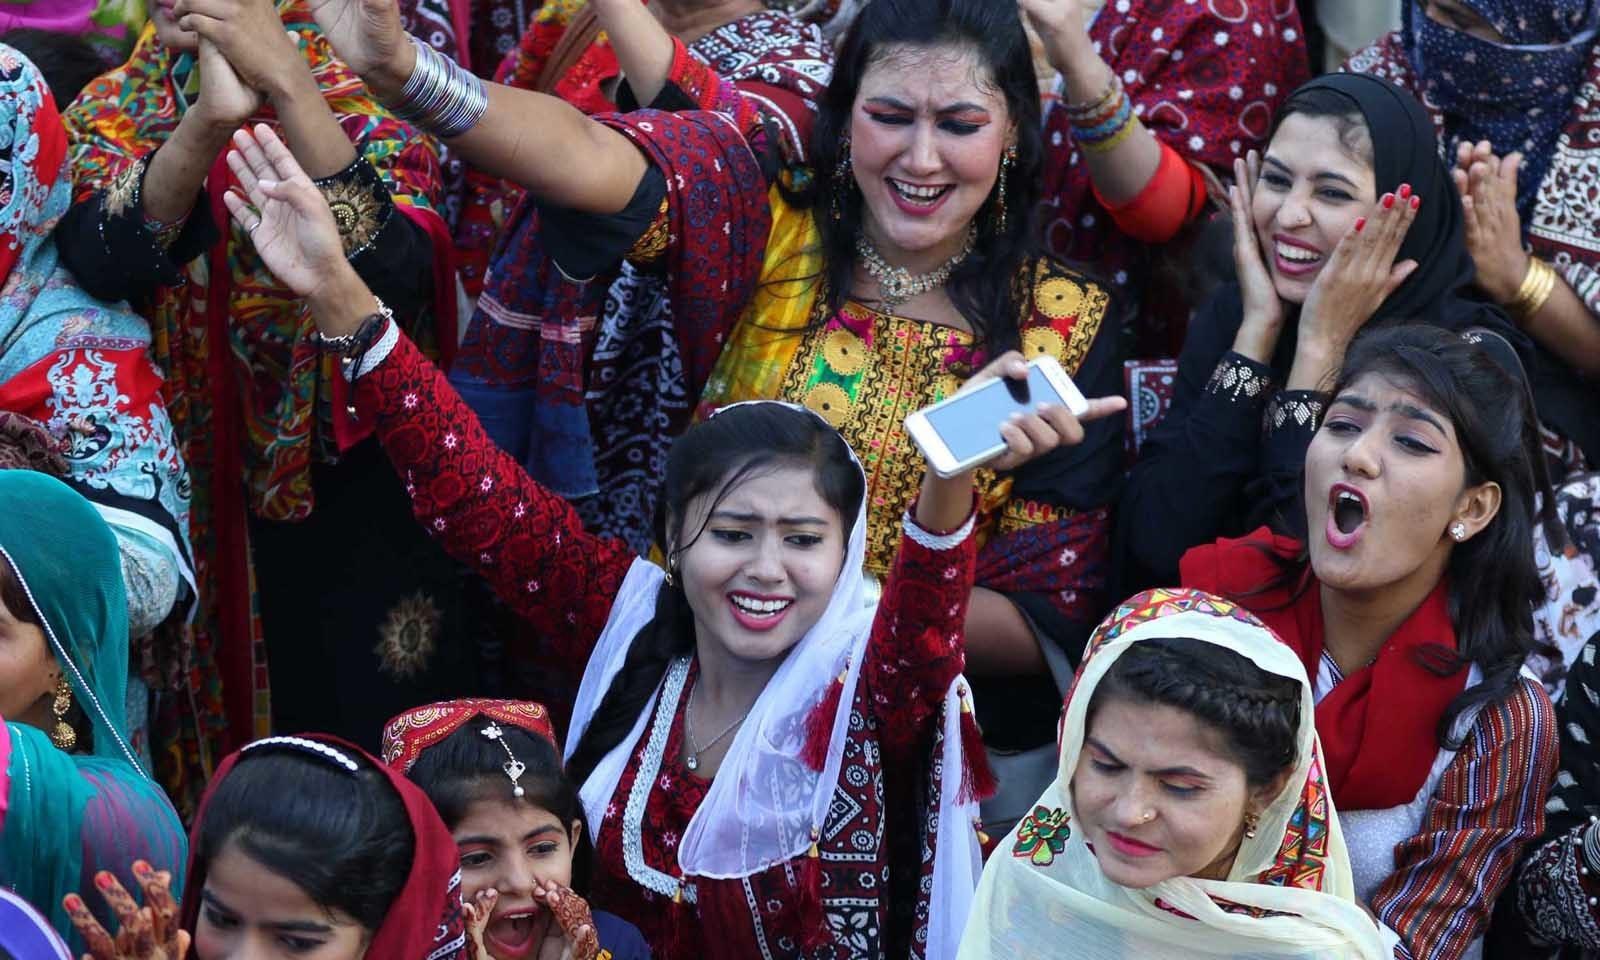 اس دن کو صرف سندھ کے گاؤں، دیہات اور چند شہری علاقوں میں ہی نہیں بلکہ کراچی میں بھی بہت جوش و خروش سے منایا جاتا ہے—فوٹو: وقاص علی